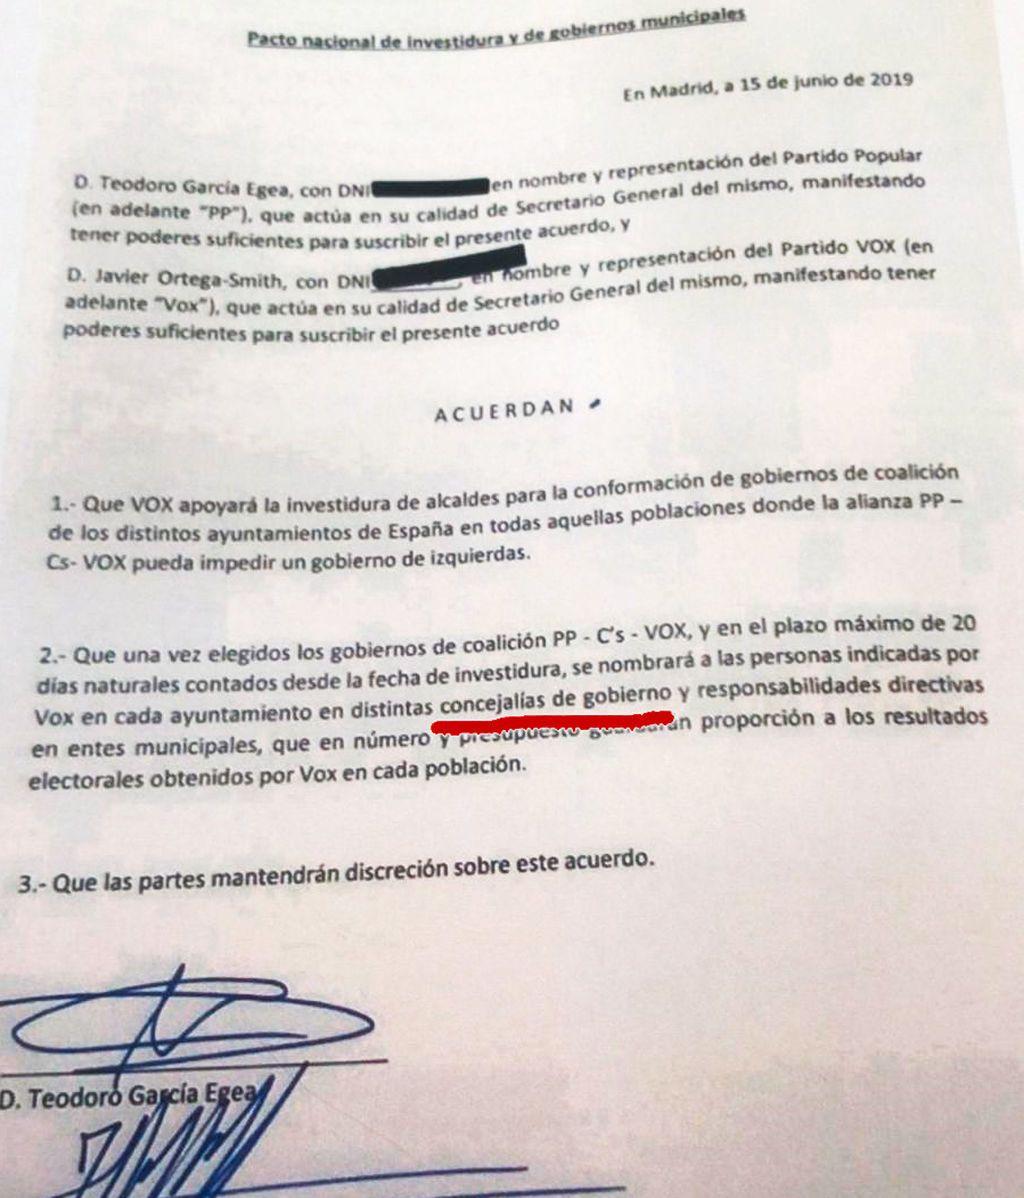 Acuerdo secreto firmado por Vox y PP la madrugada del 15 de junio